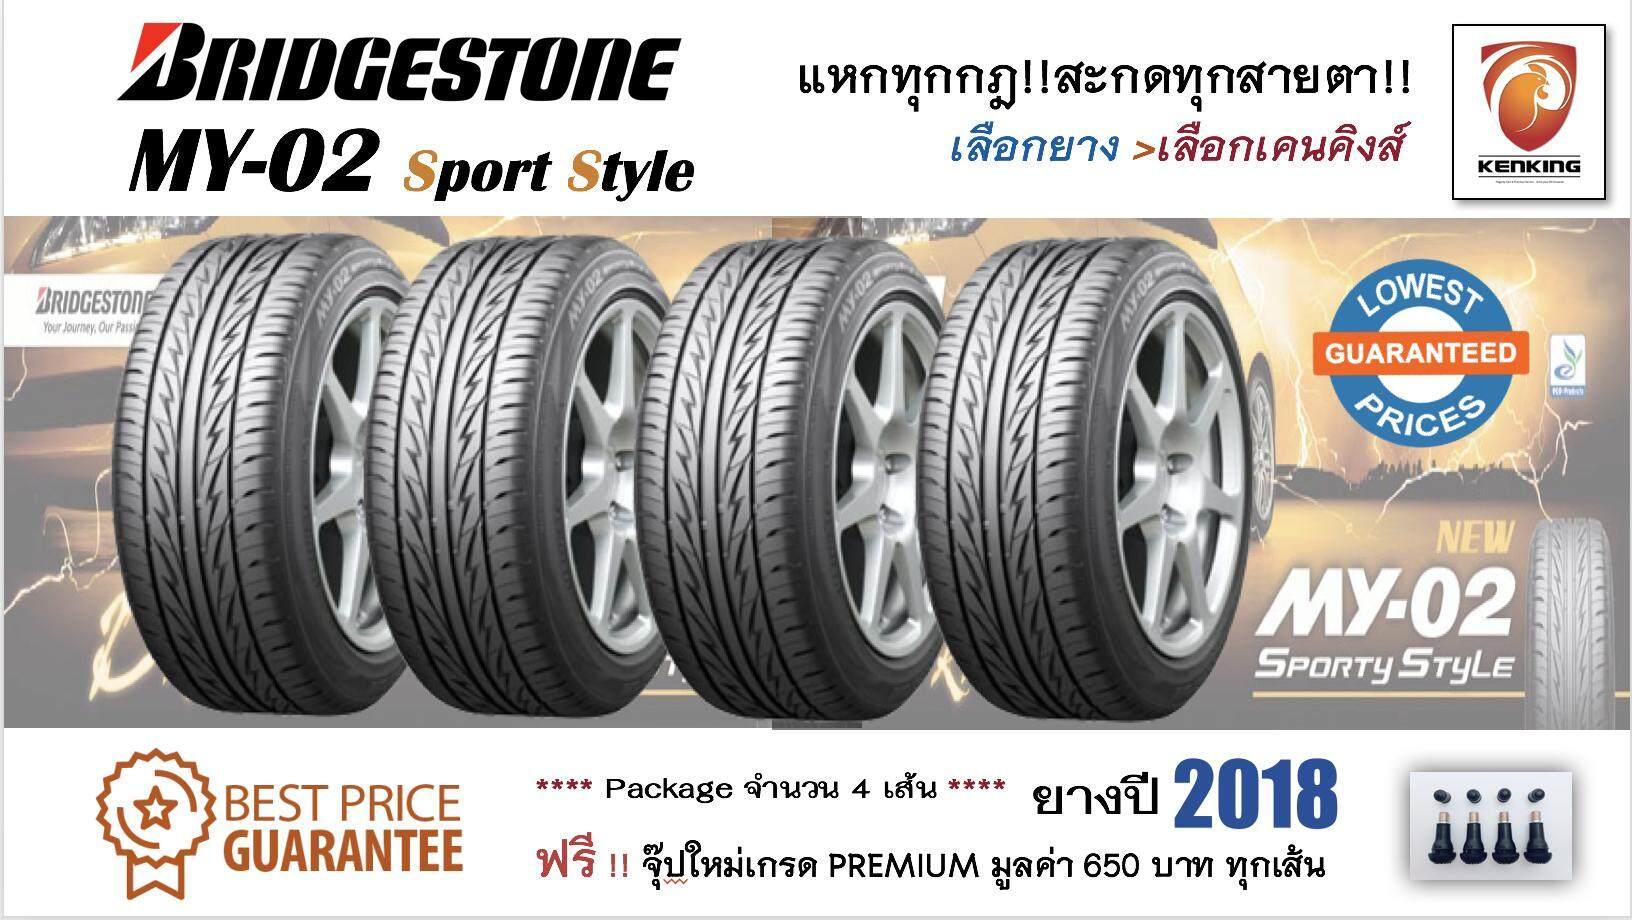 ประกันภัย รถยนต์ แบบ ผ่อน ได้ อุดรธานี ยางรถยนต์ขอบ 16 Bridgestone 195/50 R16 (สำหรับ 4 เส้น)  New!! ปี 2019 รุ่น MY02 (ฟรี !! จุ๊ปใหม่เกรด Premium มูลค่า 650 บาท)